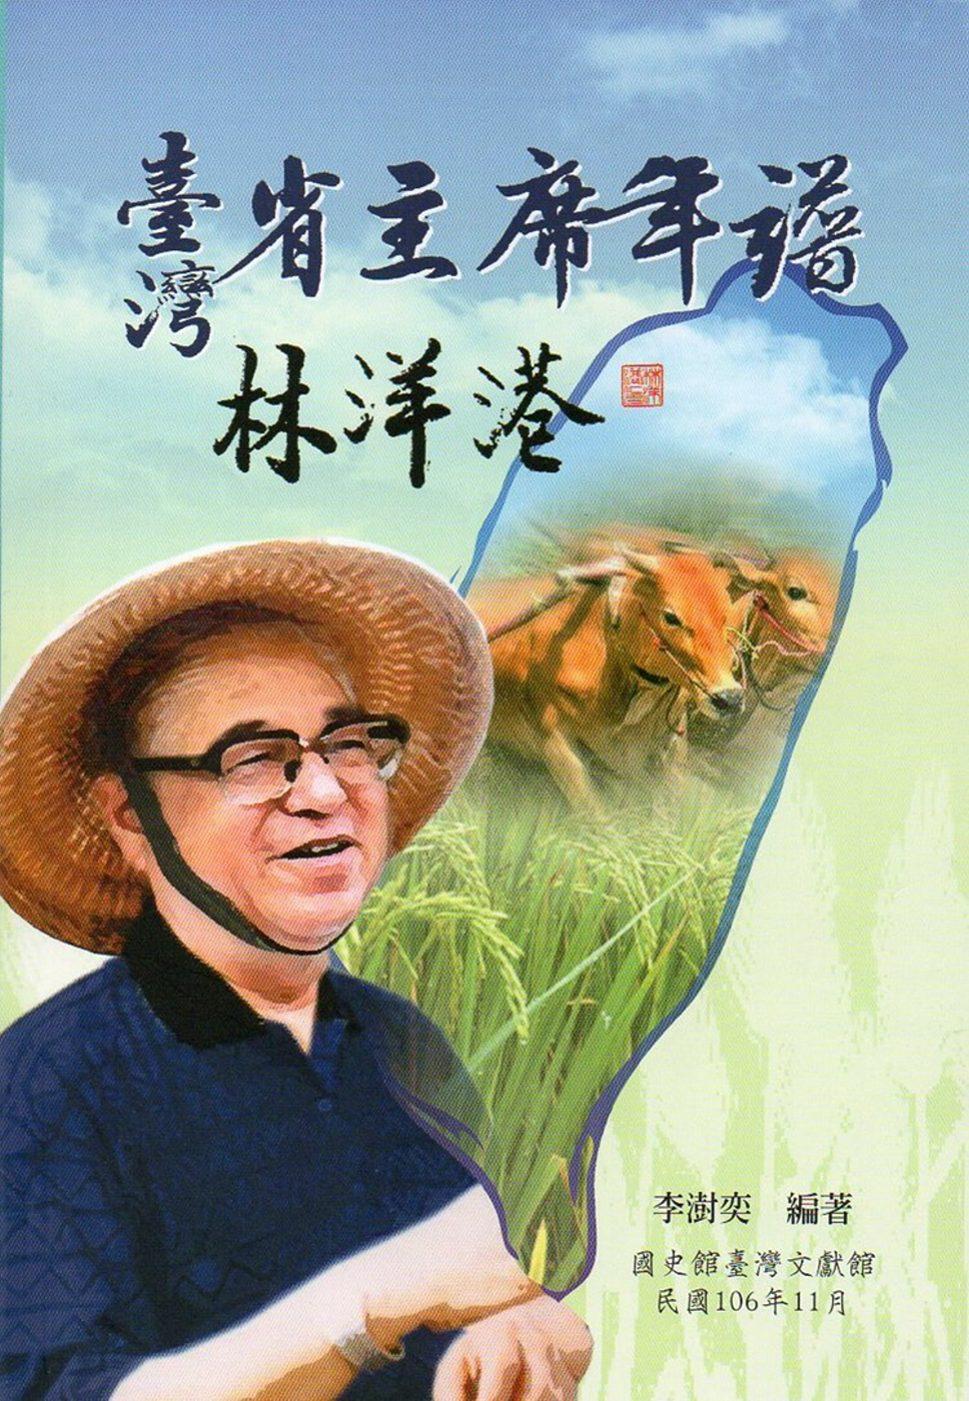 臺灣省主席年譜:林洋港